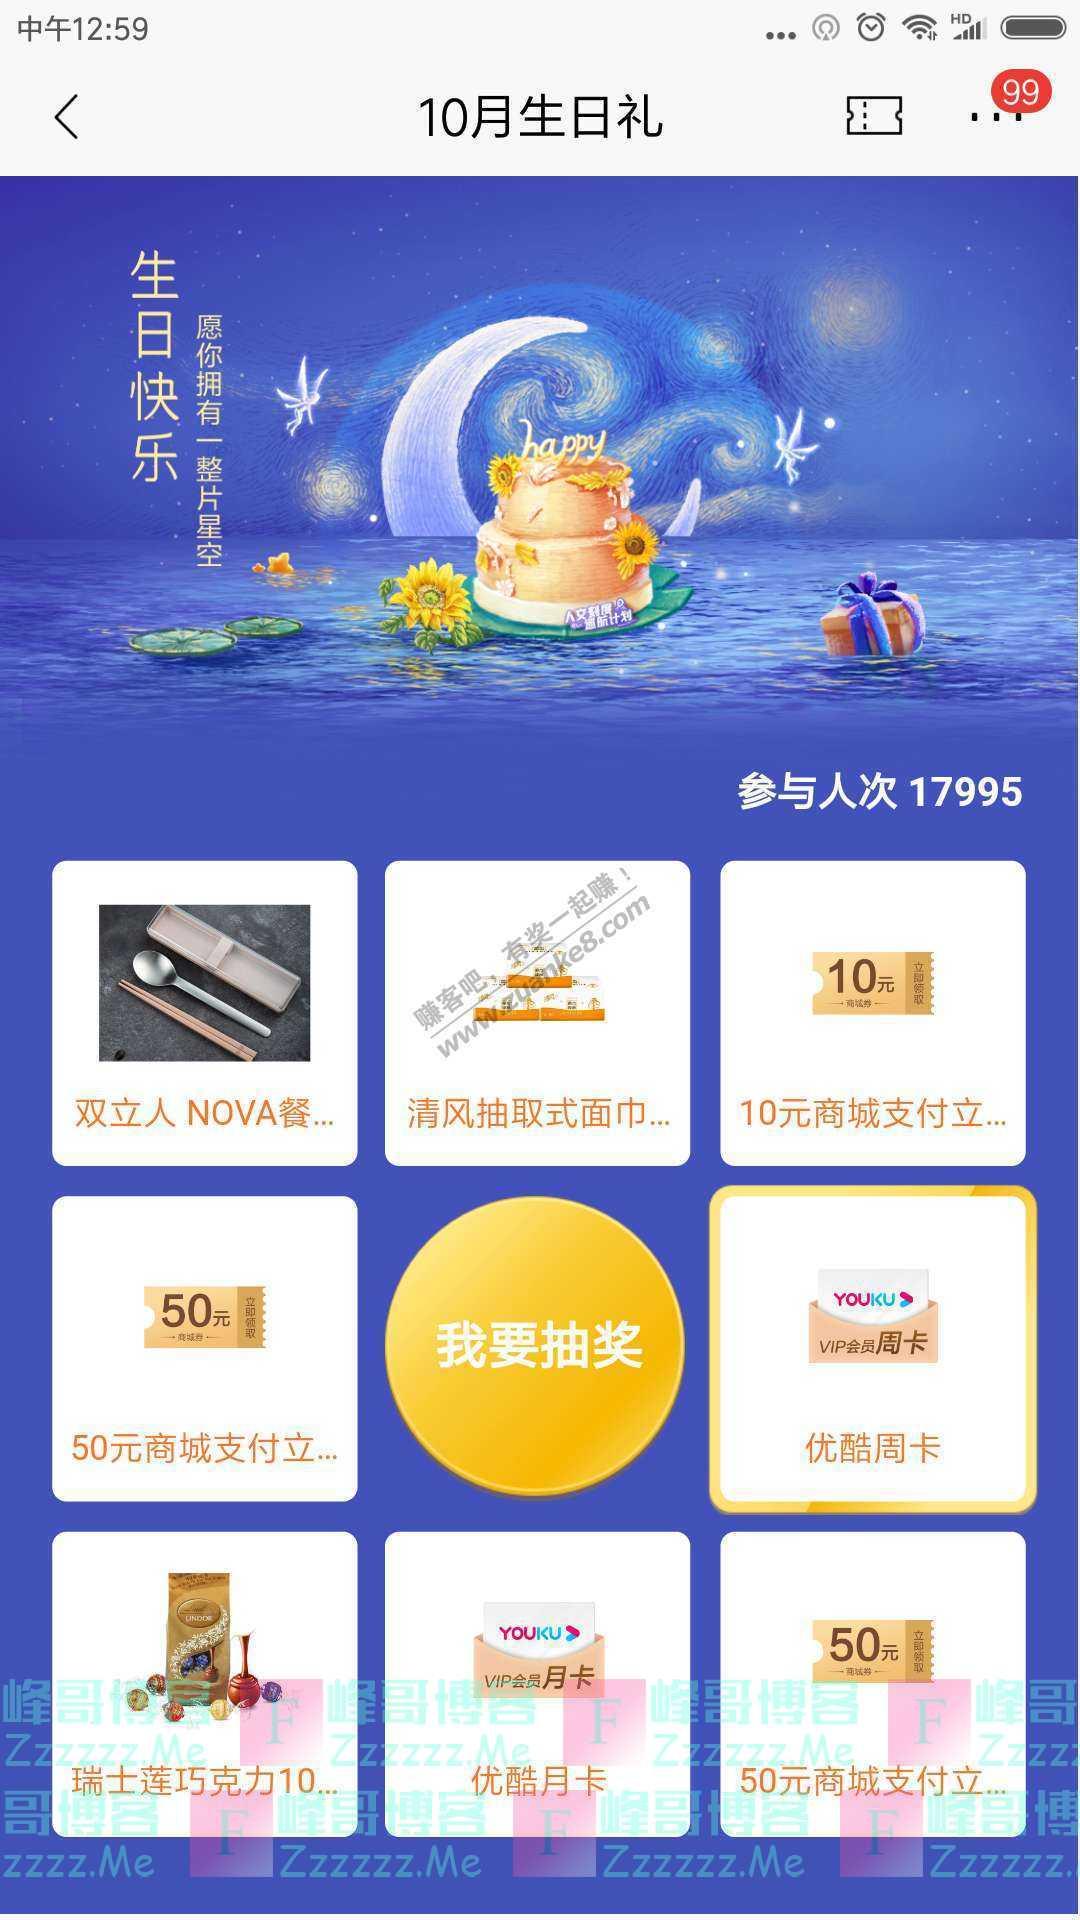 招商银行app10月生日礼(截止10月31日)